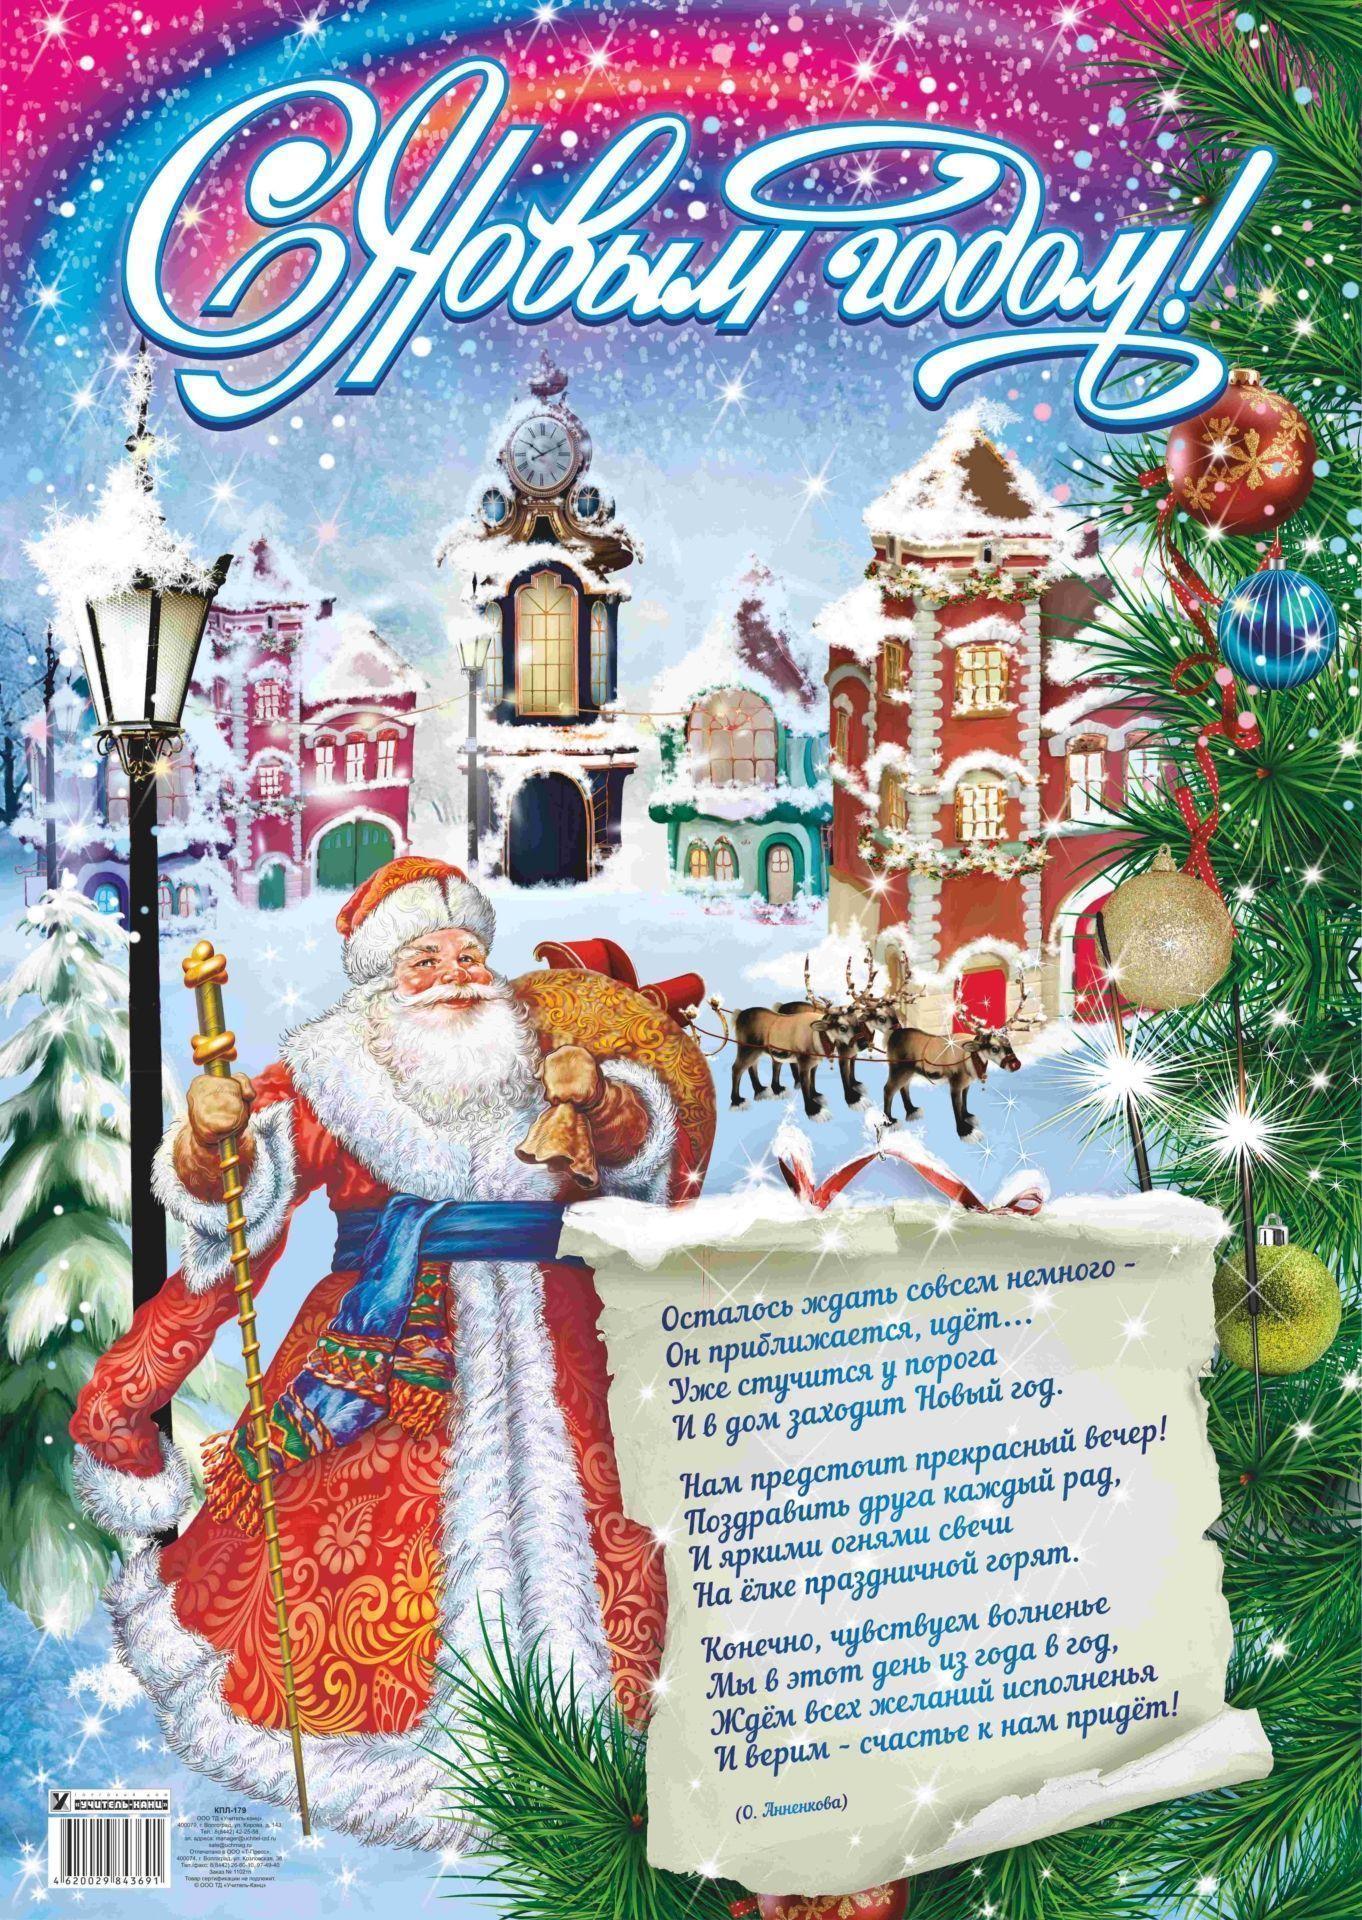 новогодние плакаты с поздравлениями год талантливый